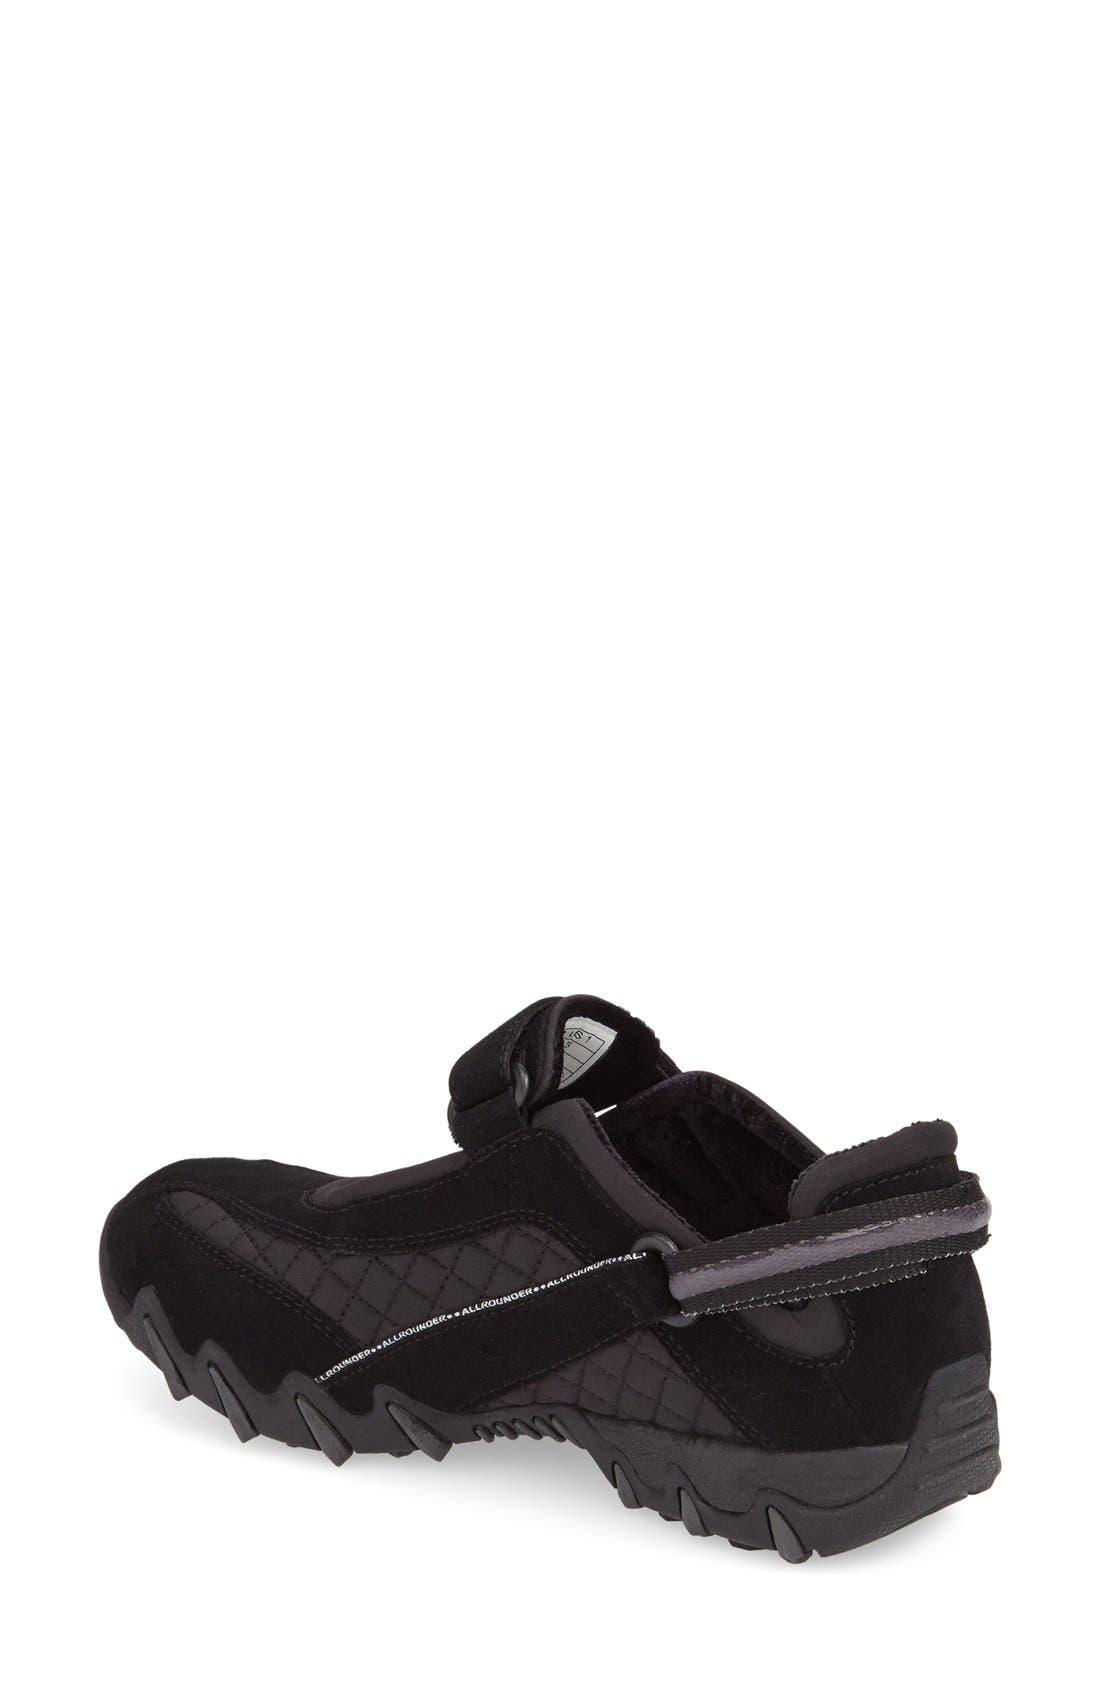 'Niro' Athletic Shoe,                             Alternate thumbnail 2, color,                             BLACK/ BLACK SUEDE